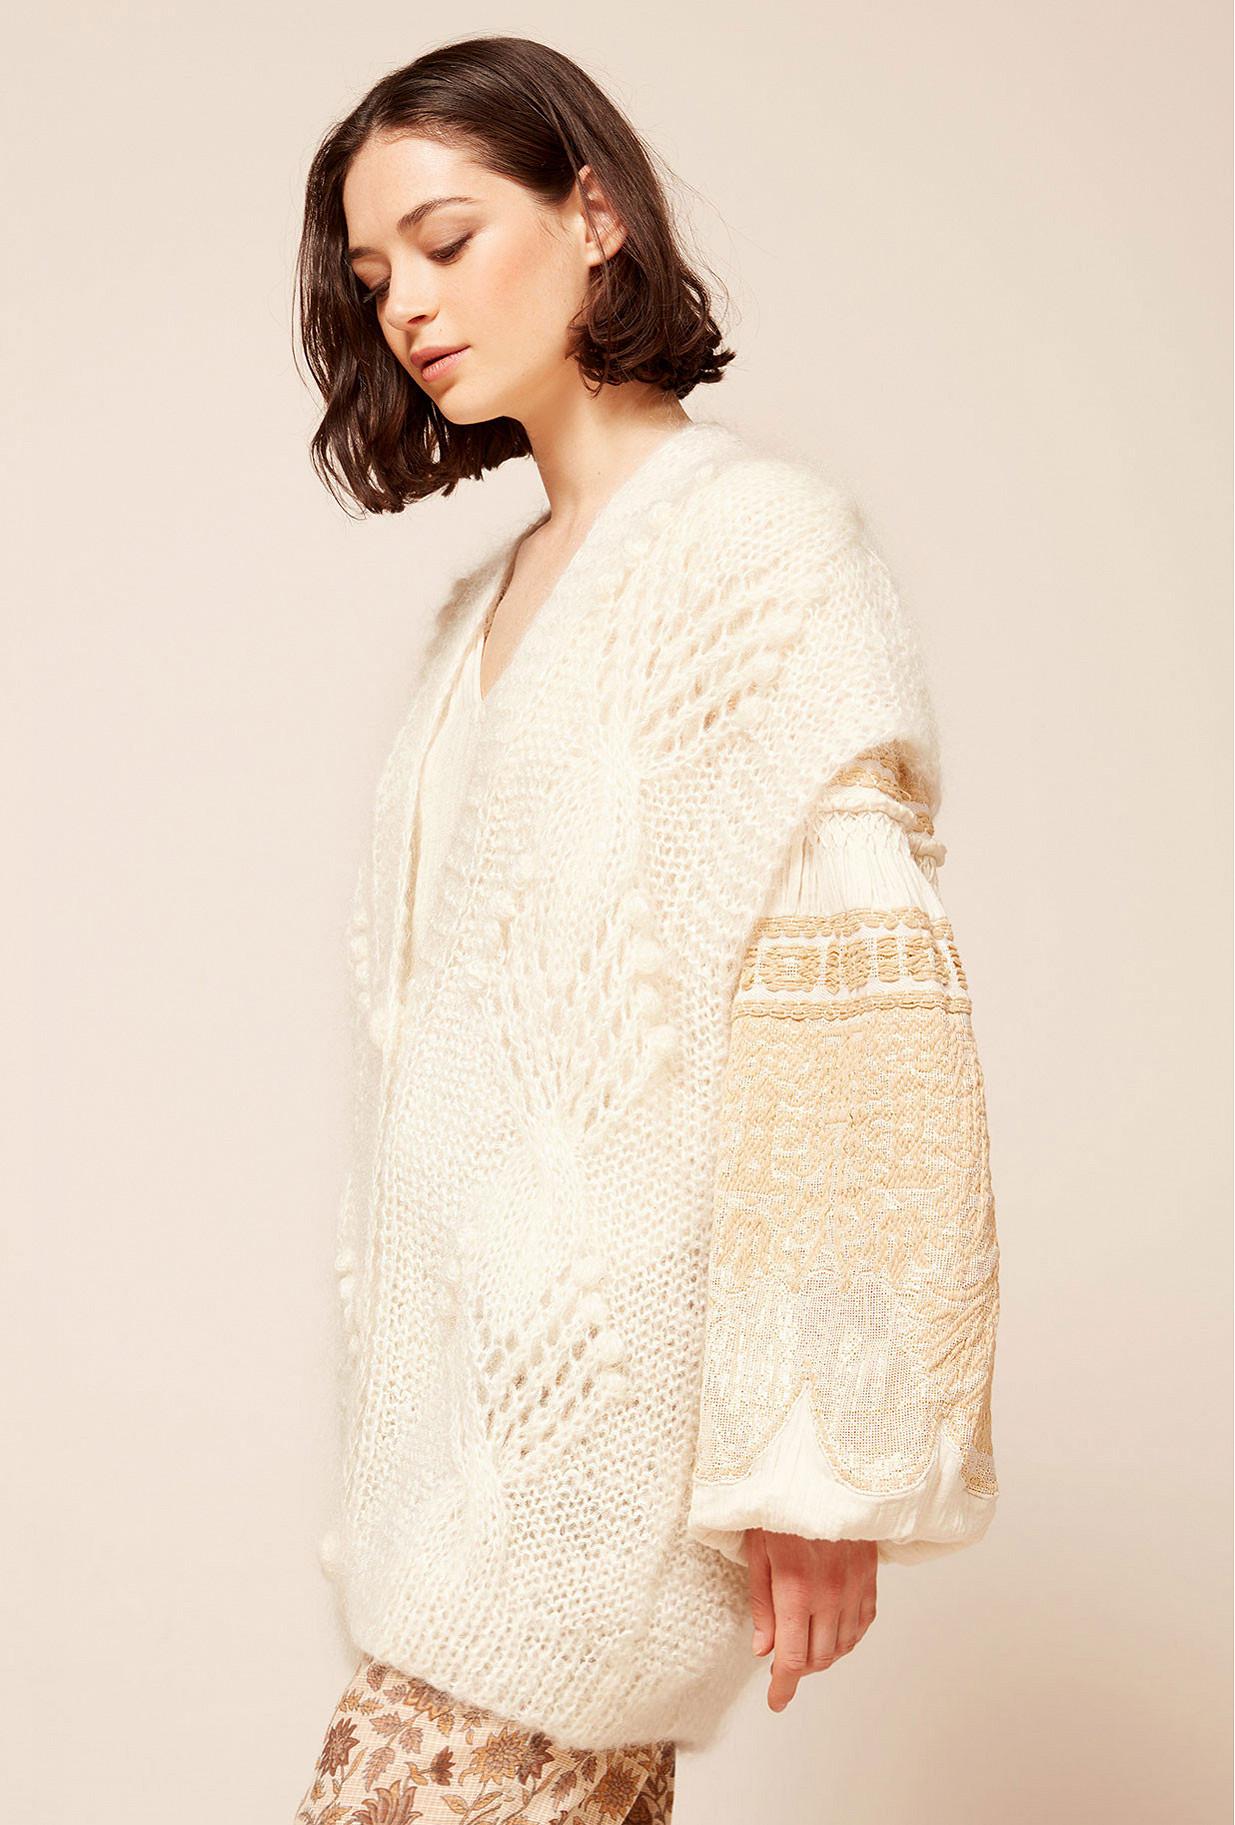 Paris clothes store Cardigan  Clarisse french designer fashion Paris